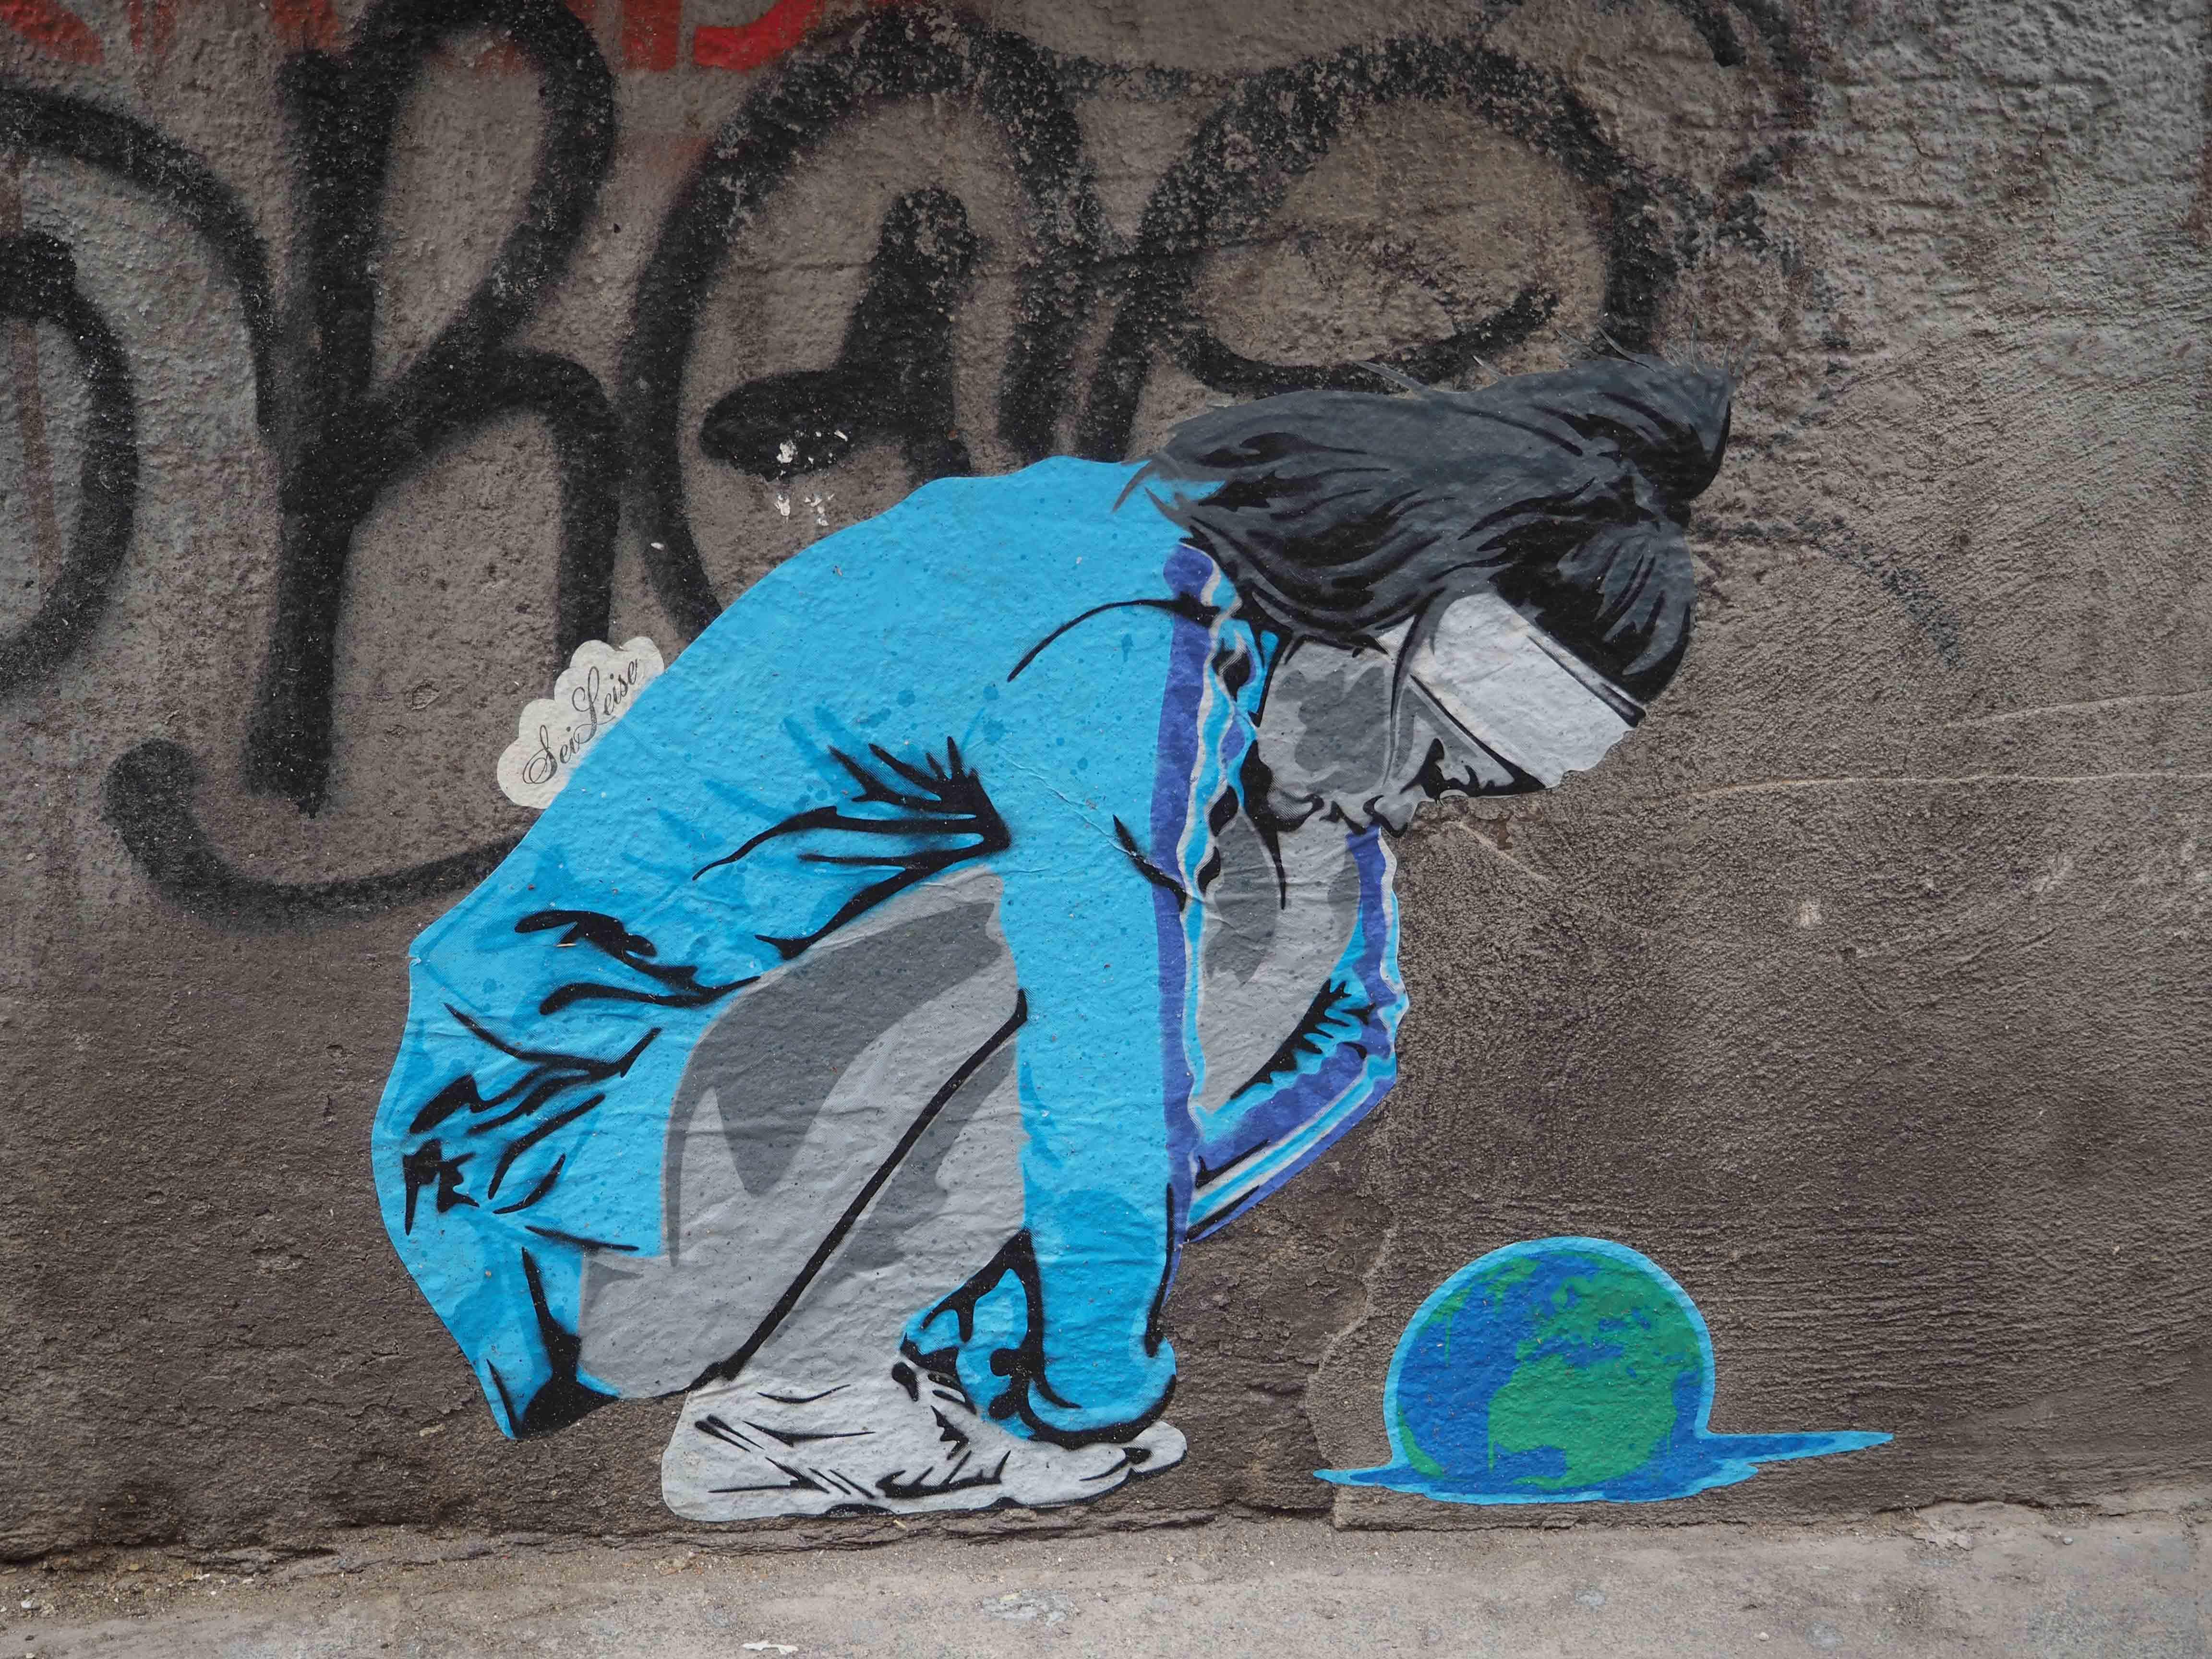 Sei Leise zeigt eine junge Frau im Sportdress vor einer zerschmilzenden Erdkugel